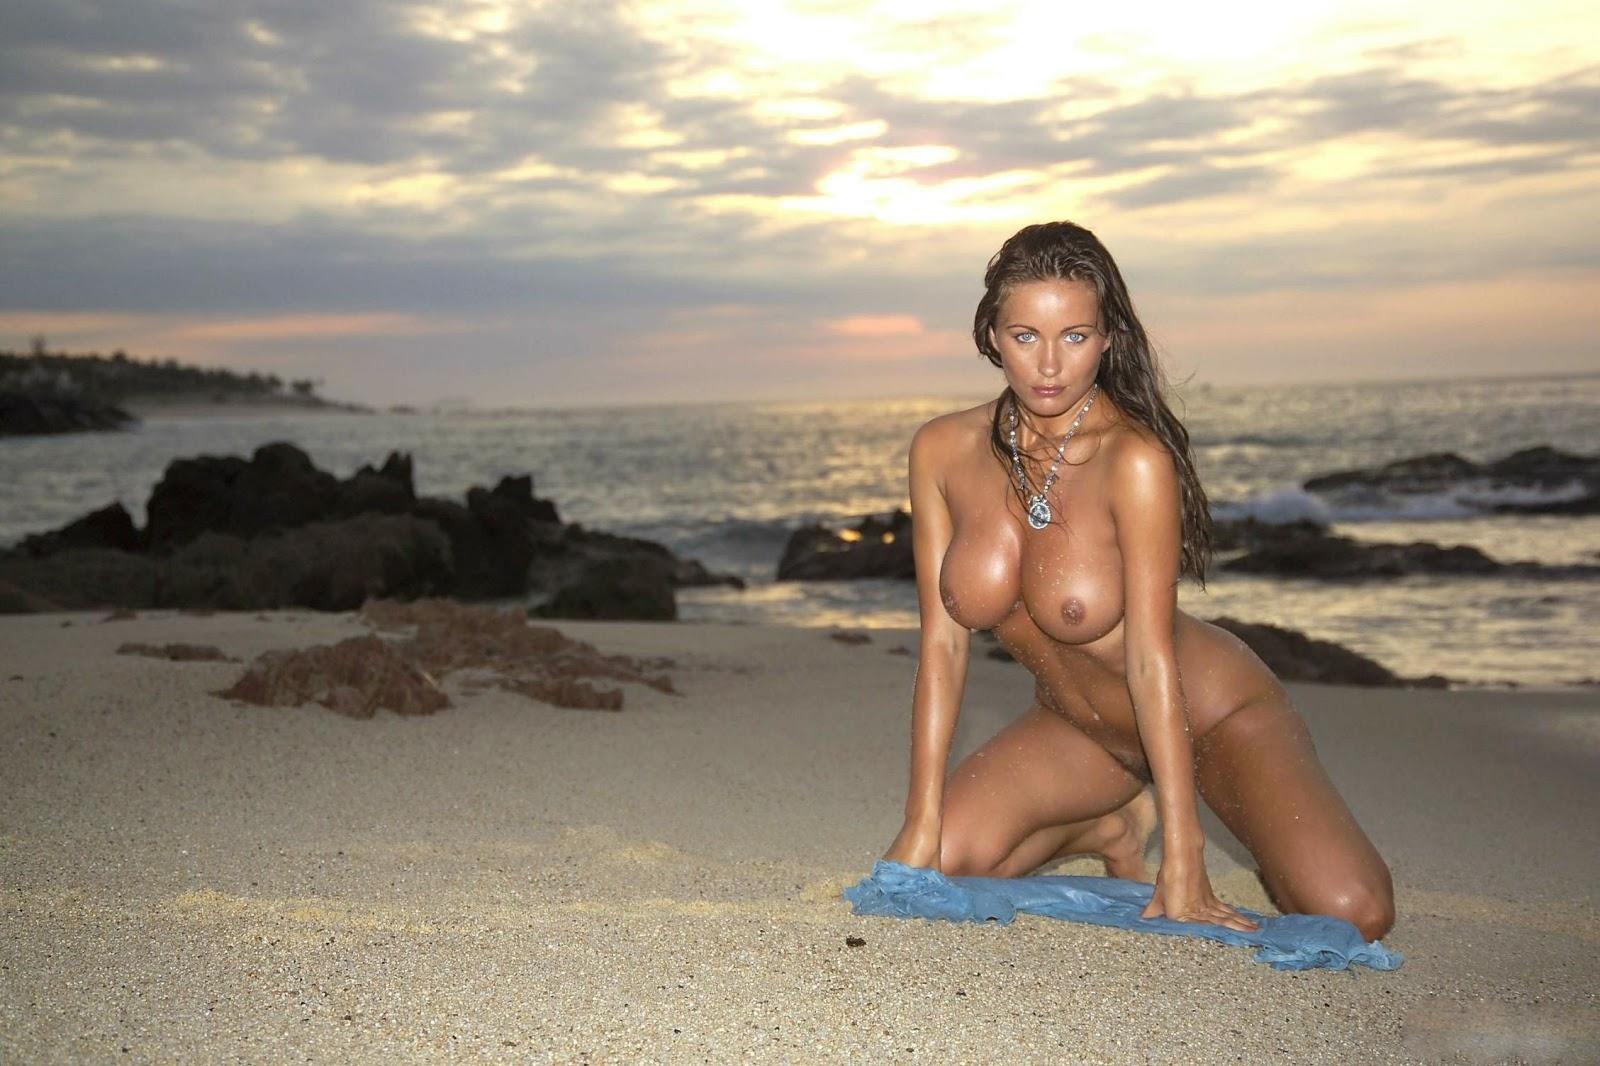 http://3.bp.blogspot.com/-KzspaKgnMM0/TgN-6RV4FkI/AAAAAAAAANs/nAj-KNTX1dE/s1600/Kyla+Cole+Sexy+naked+body+Nude+Erotic+Wallpaper+%25283%2529.jpg